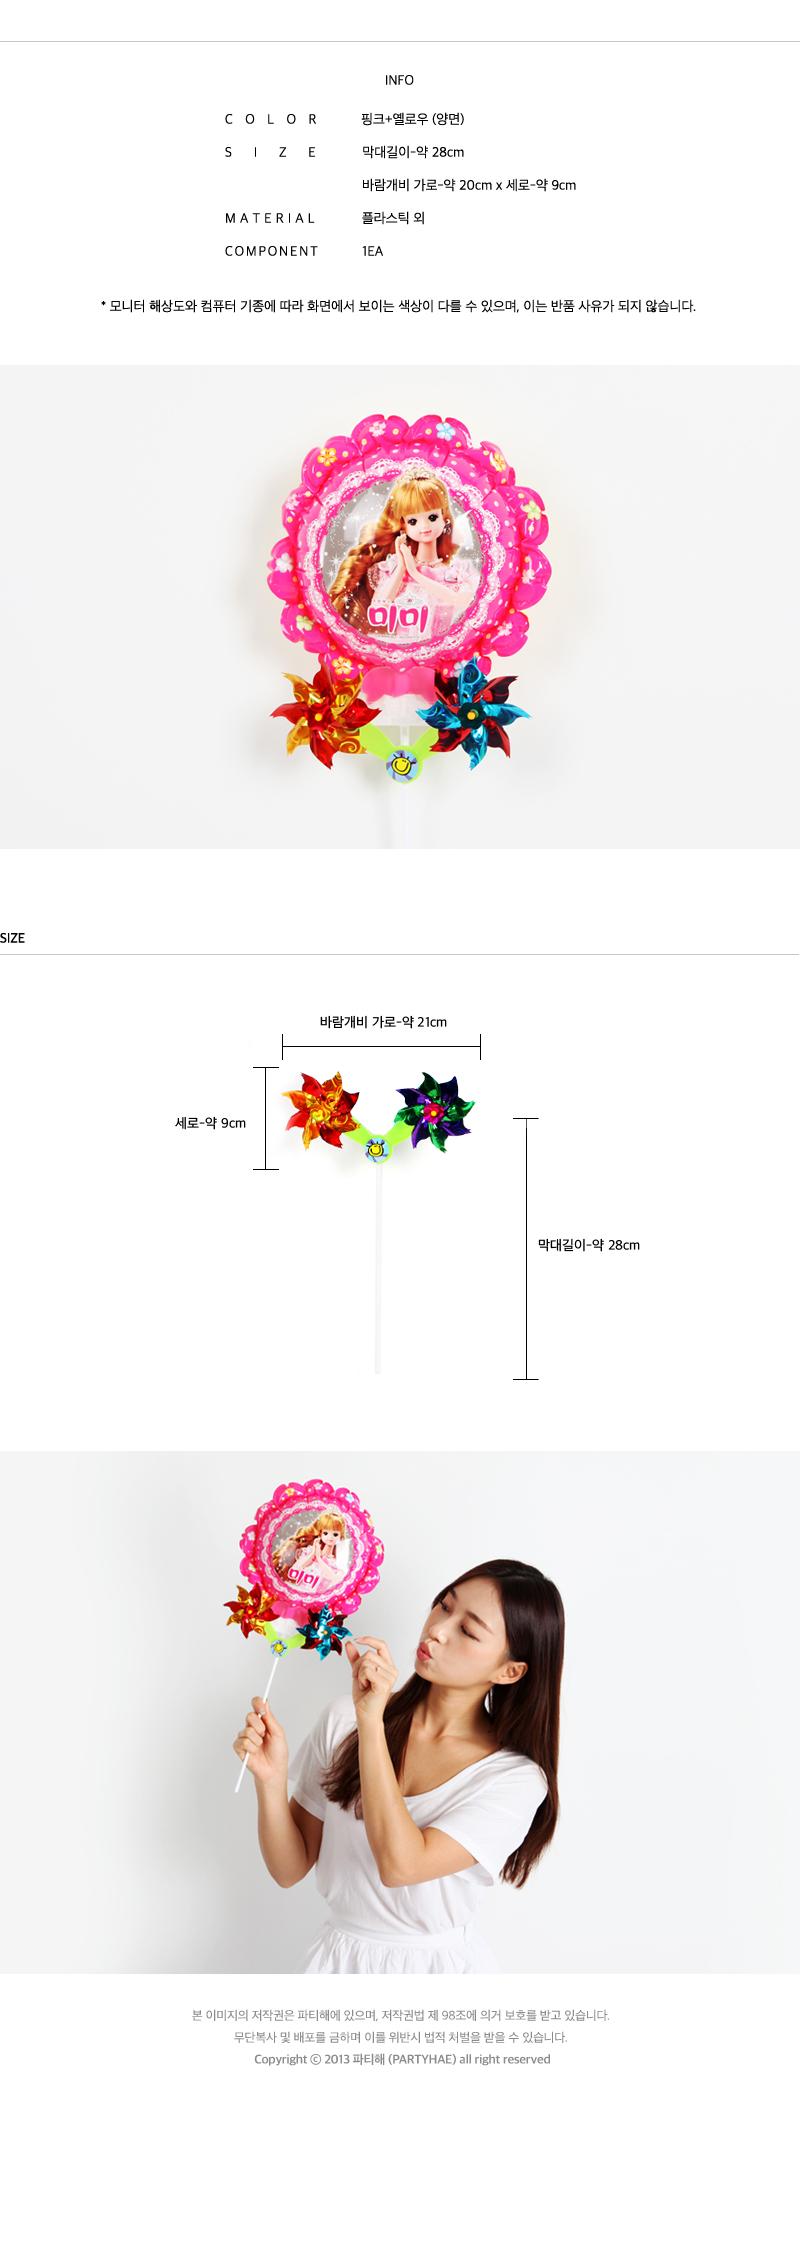 바람개비 풍선 - 미미꽃 - 파티해, 4,000원, 파티용품, 풍선/세트